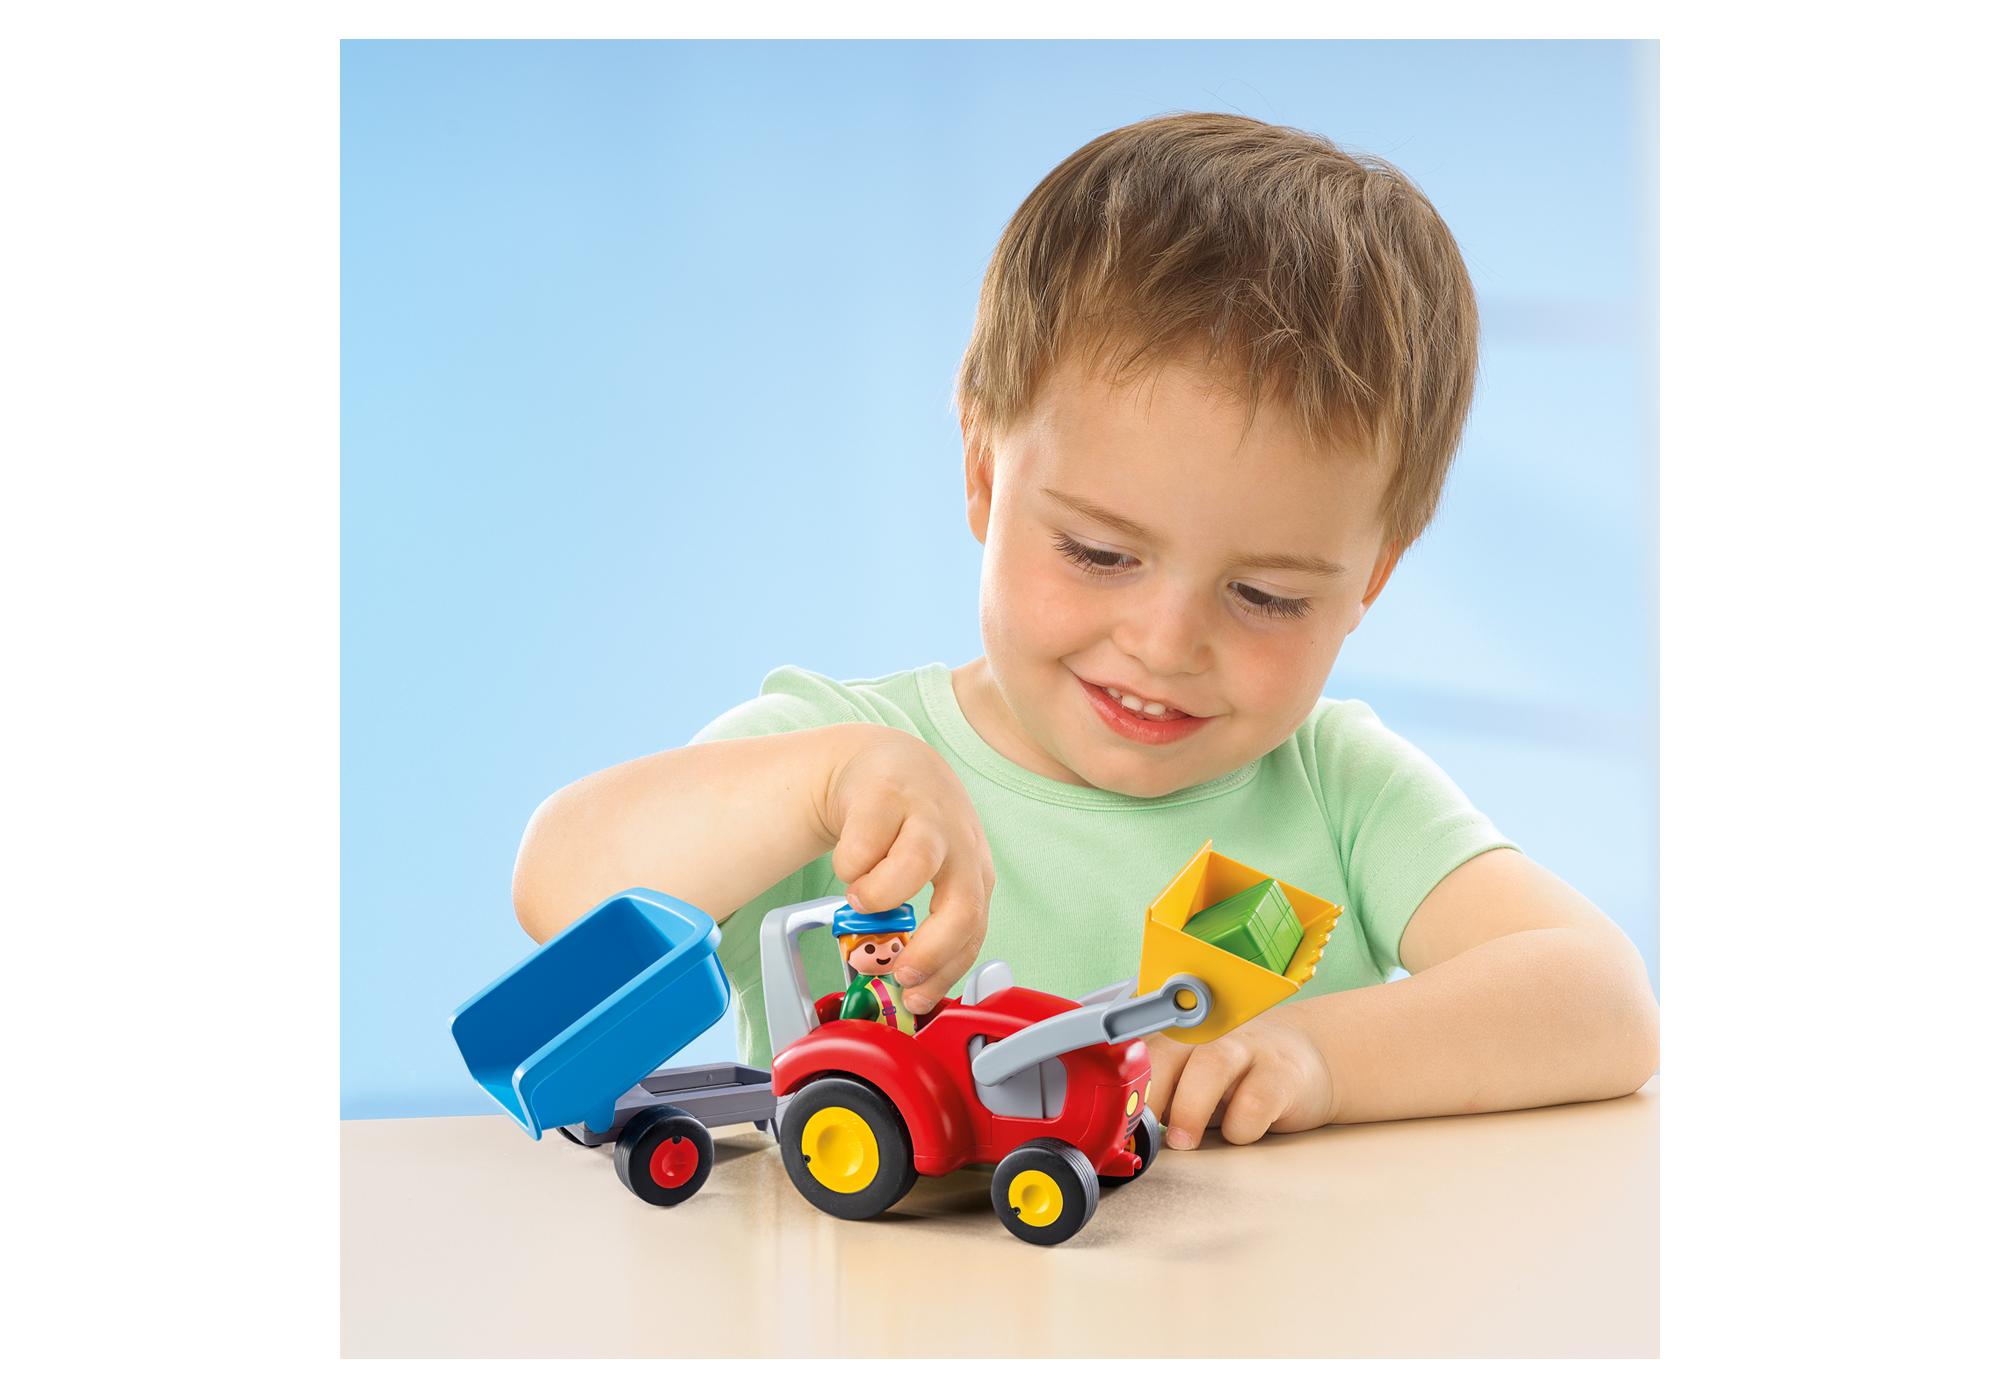 http://media.playmobil.com/i/playmobil/6964_product_extra1/Bonde med traktor och släp